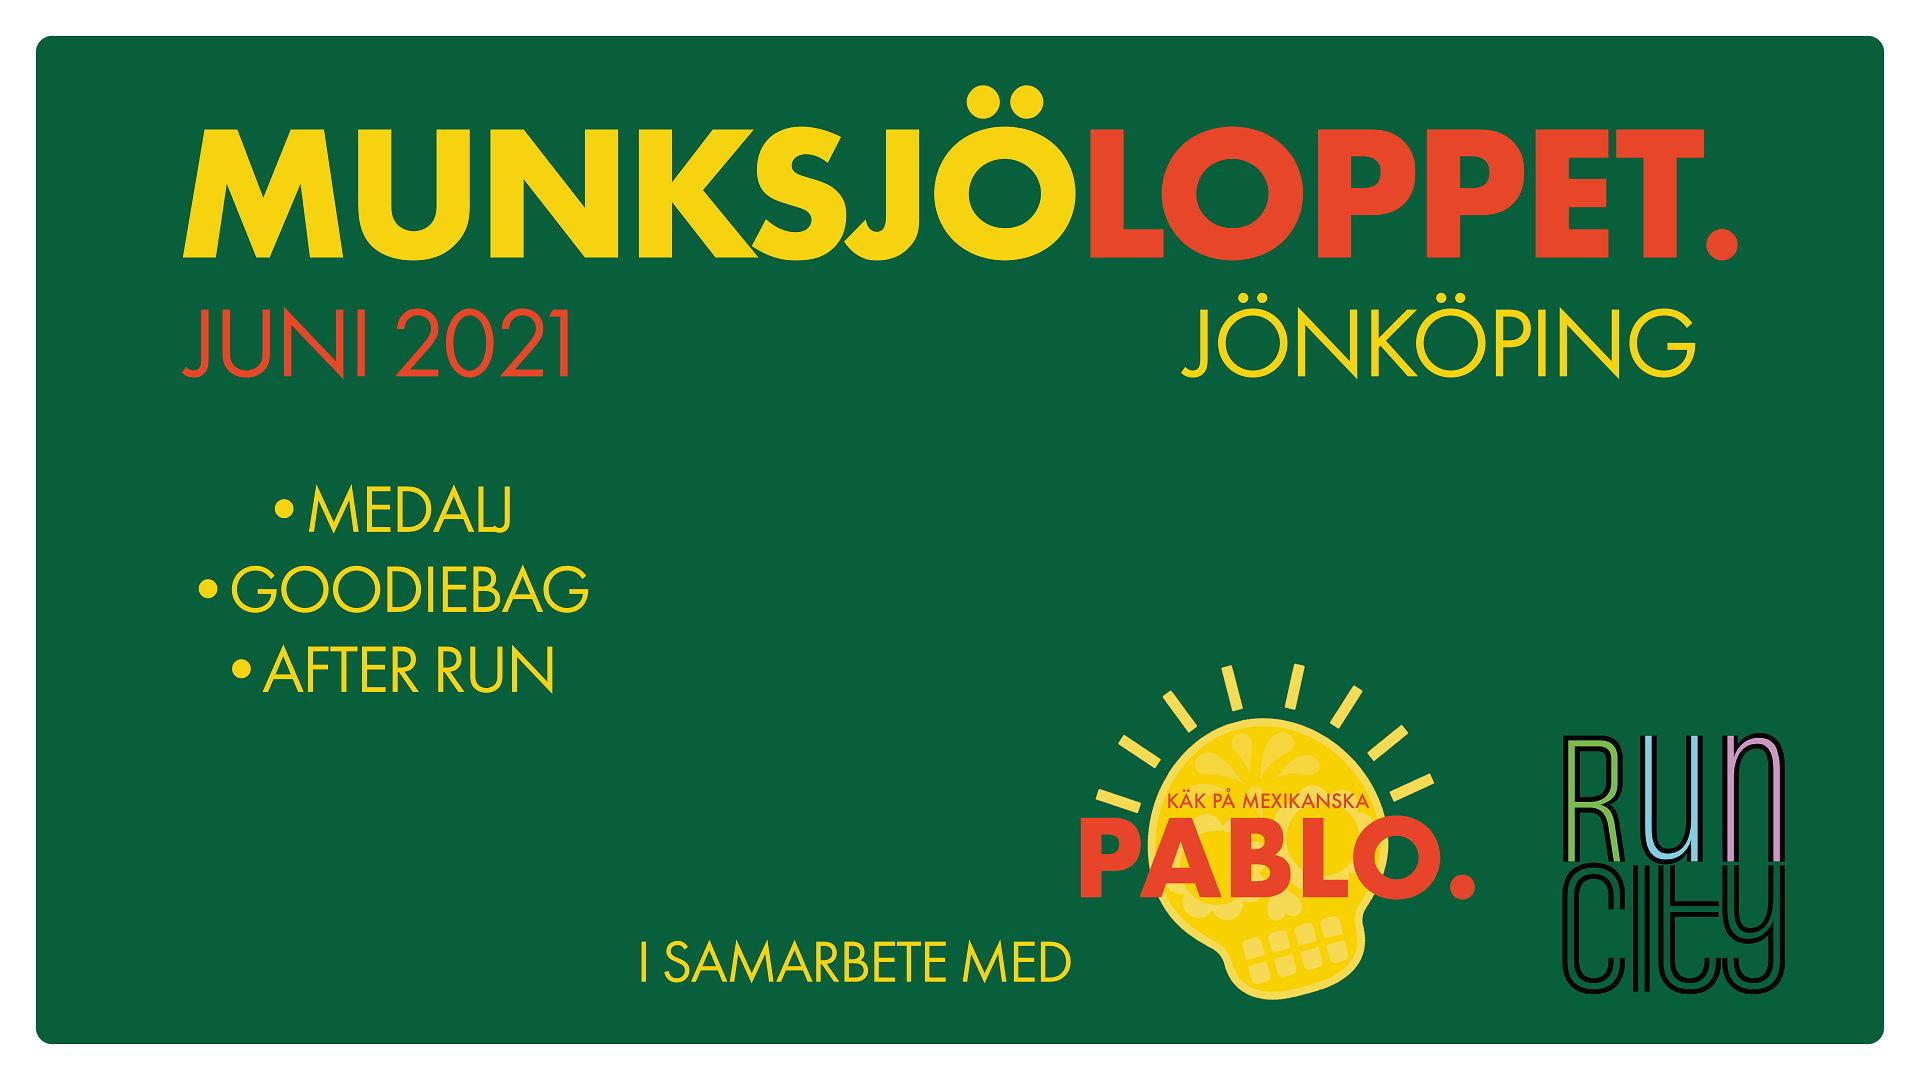 Munksjöloppet - Jönköping - Fast bana